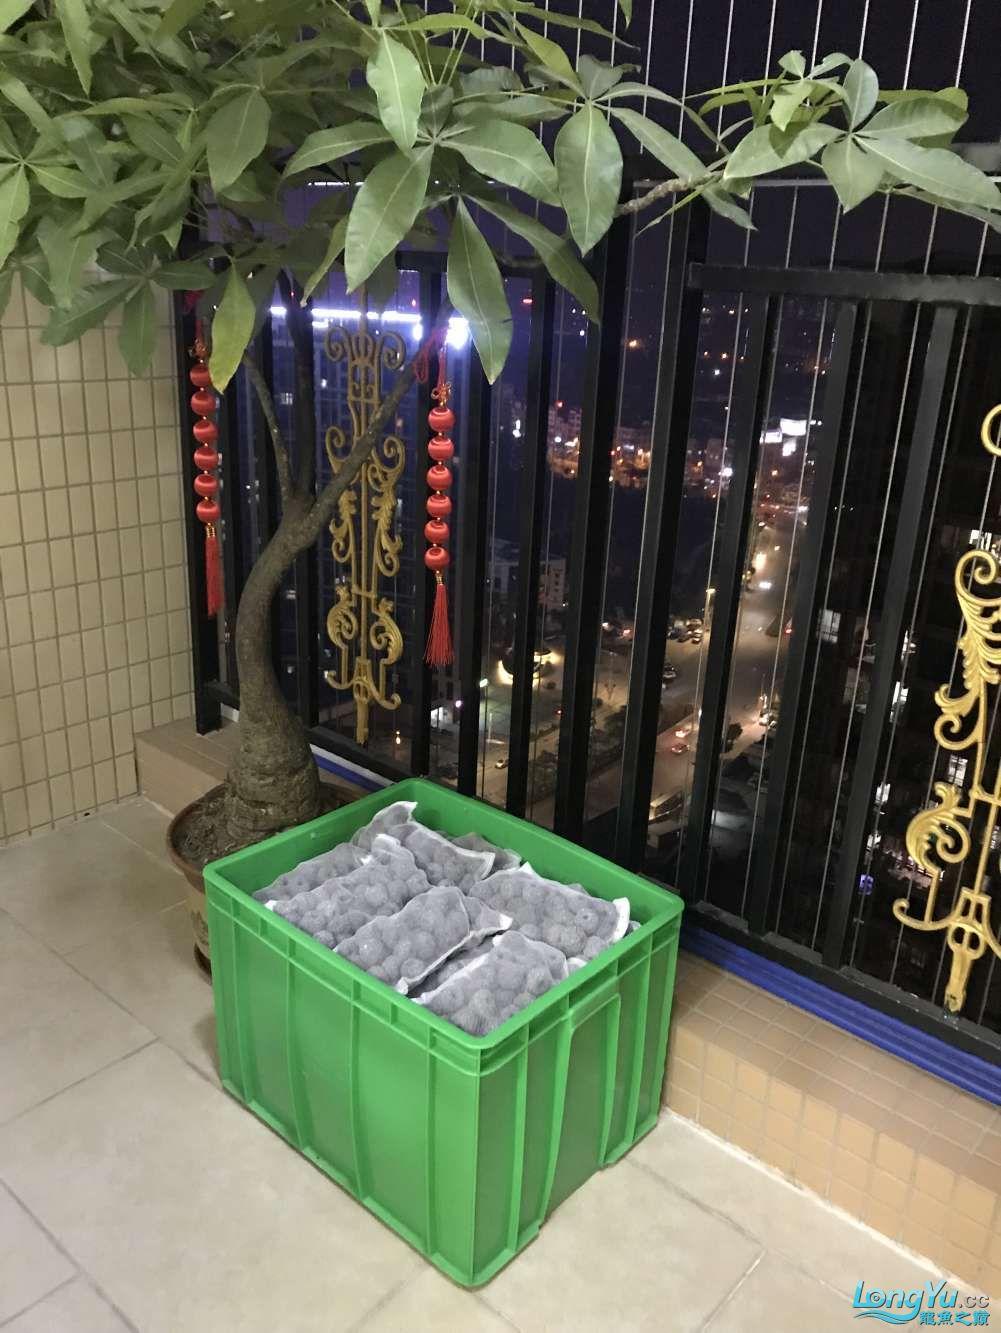 重庆粗线银板鱼哪个店的最好新人再次入水开缸大吉 重庆观赏鱼 重庆水族批发市场第14张